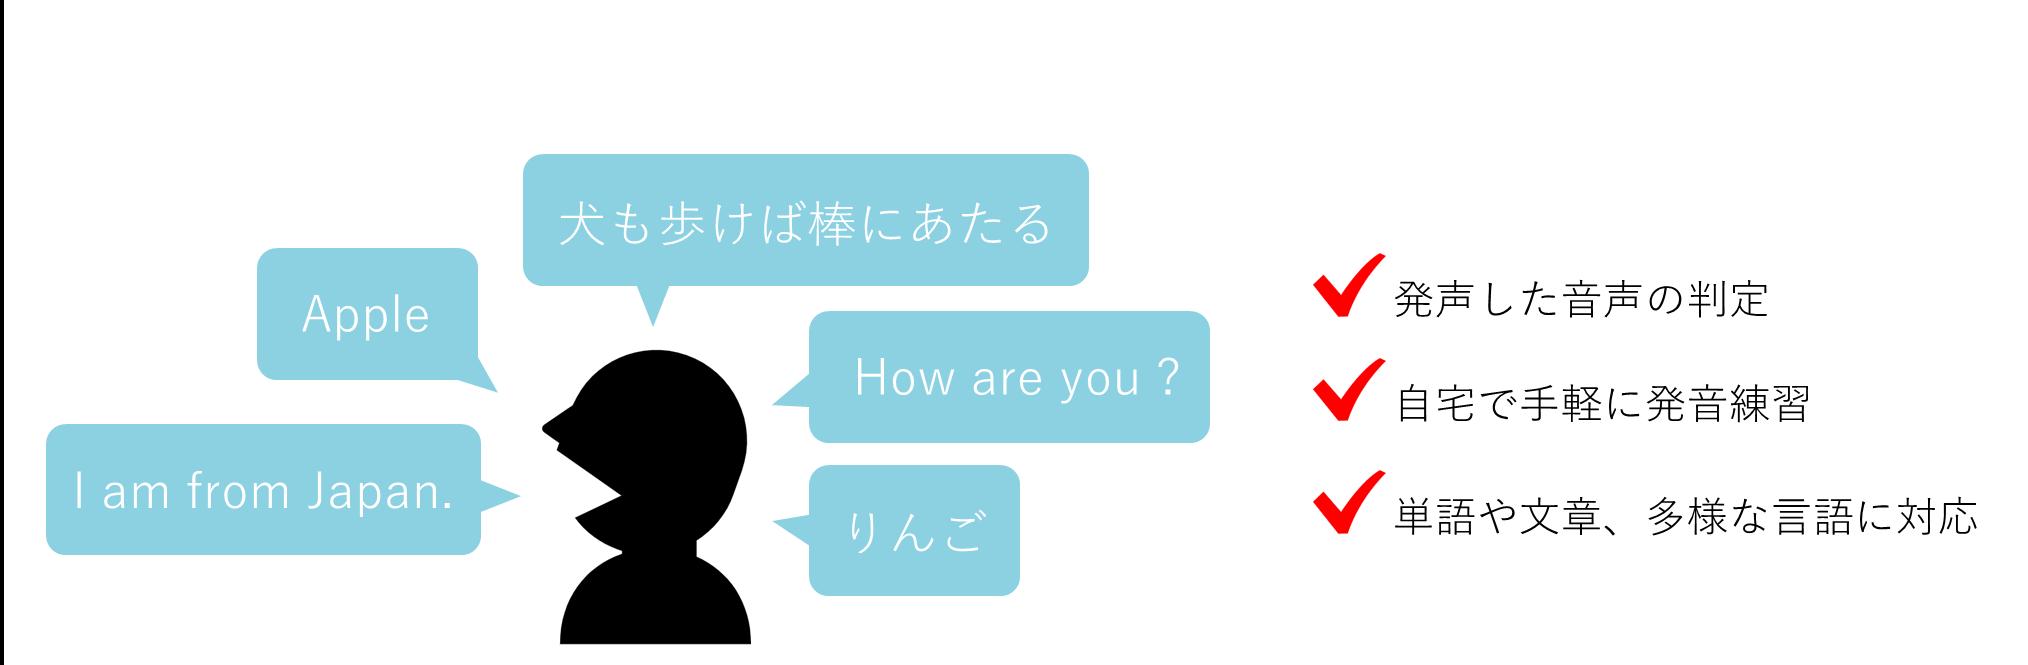 音声の認識と判定の特徴